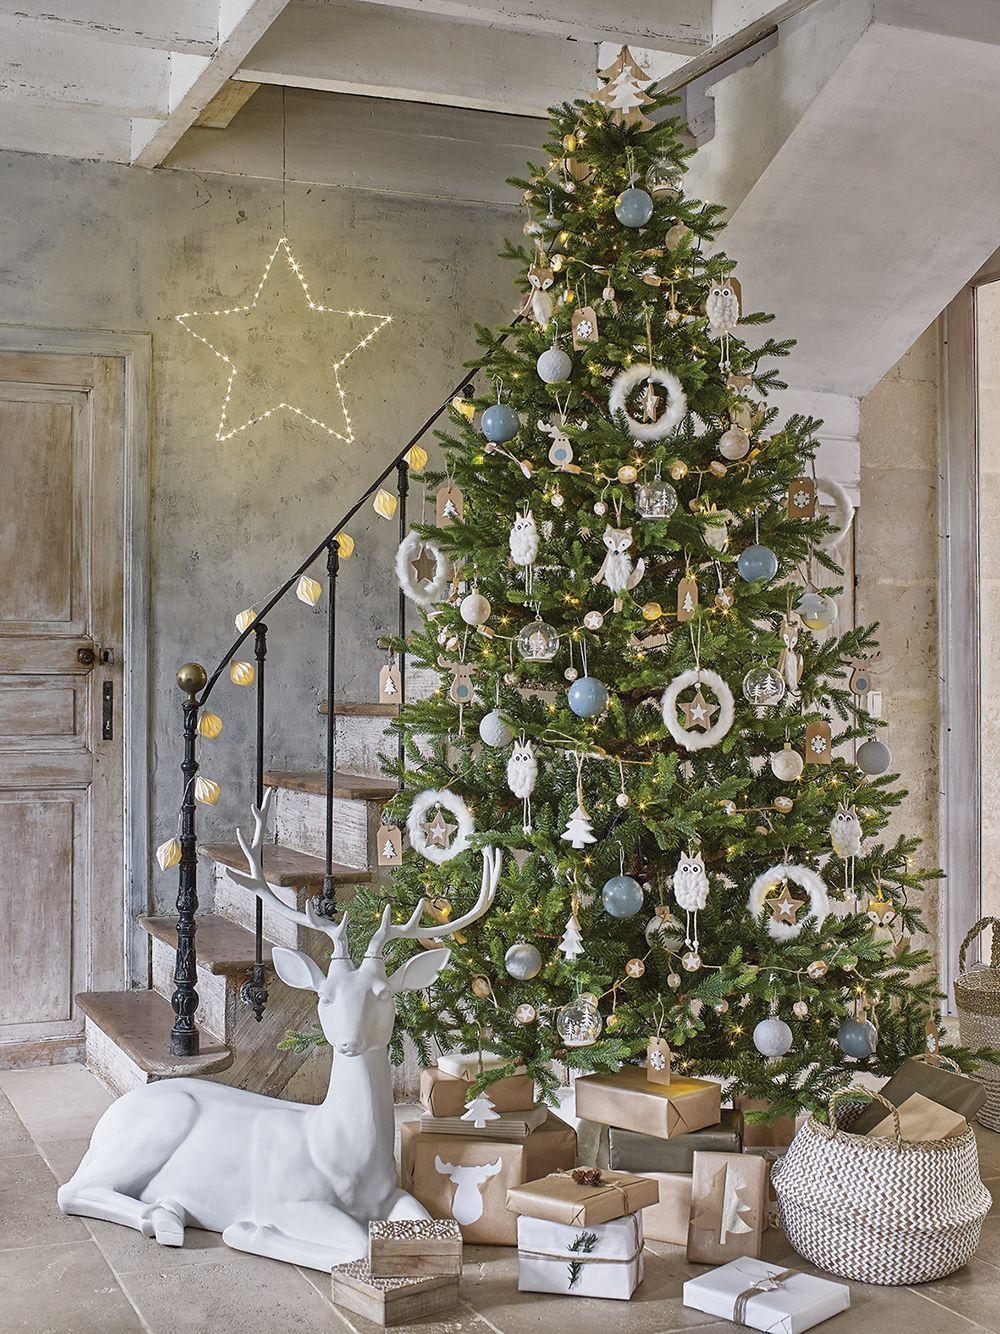 Sapin de Noël Maisons du Monde | Decoration noel, Maison de noel